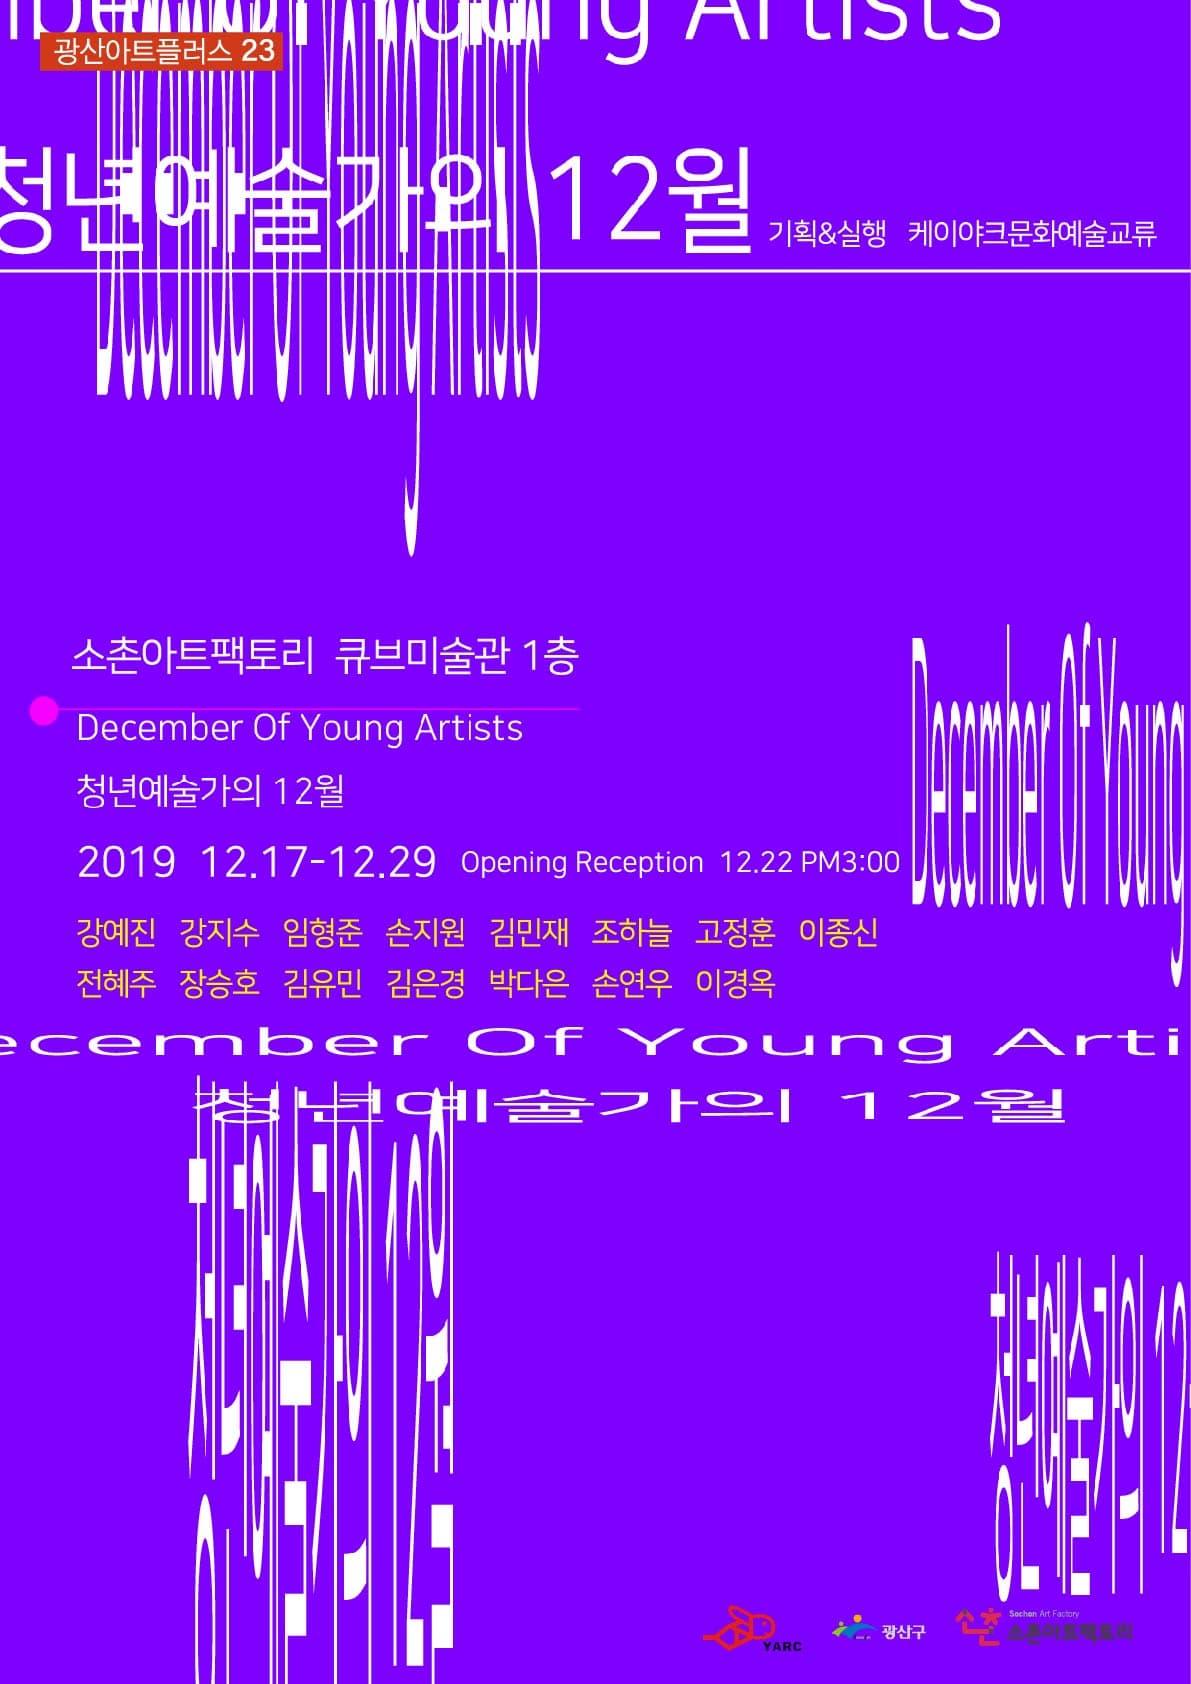 [광산아트플러스 23] 케이야크 <청년예술가의 12월>